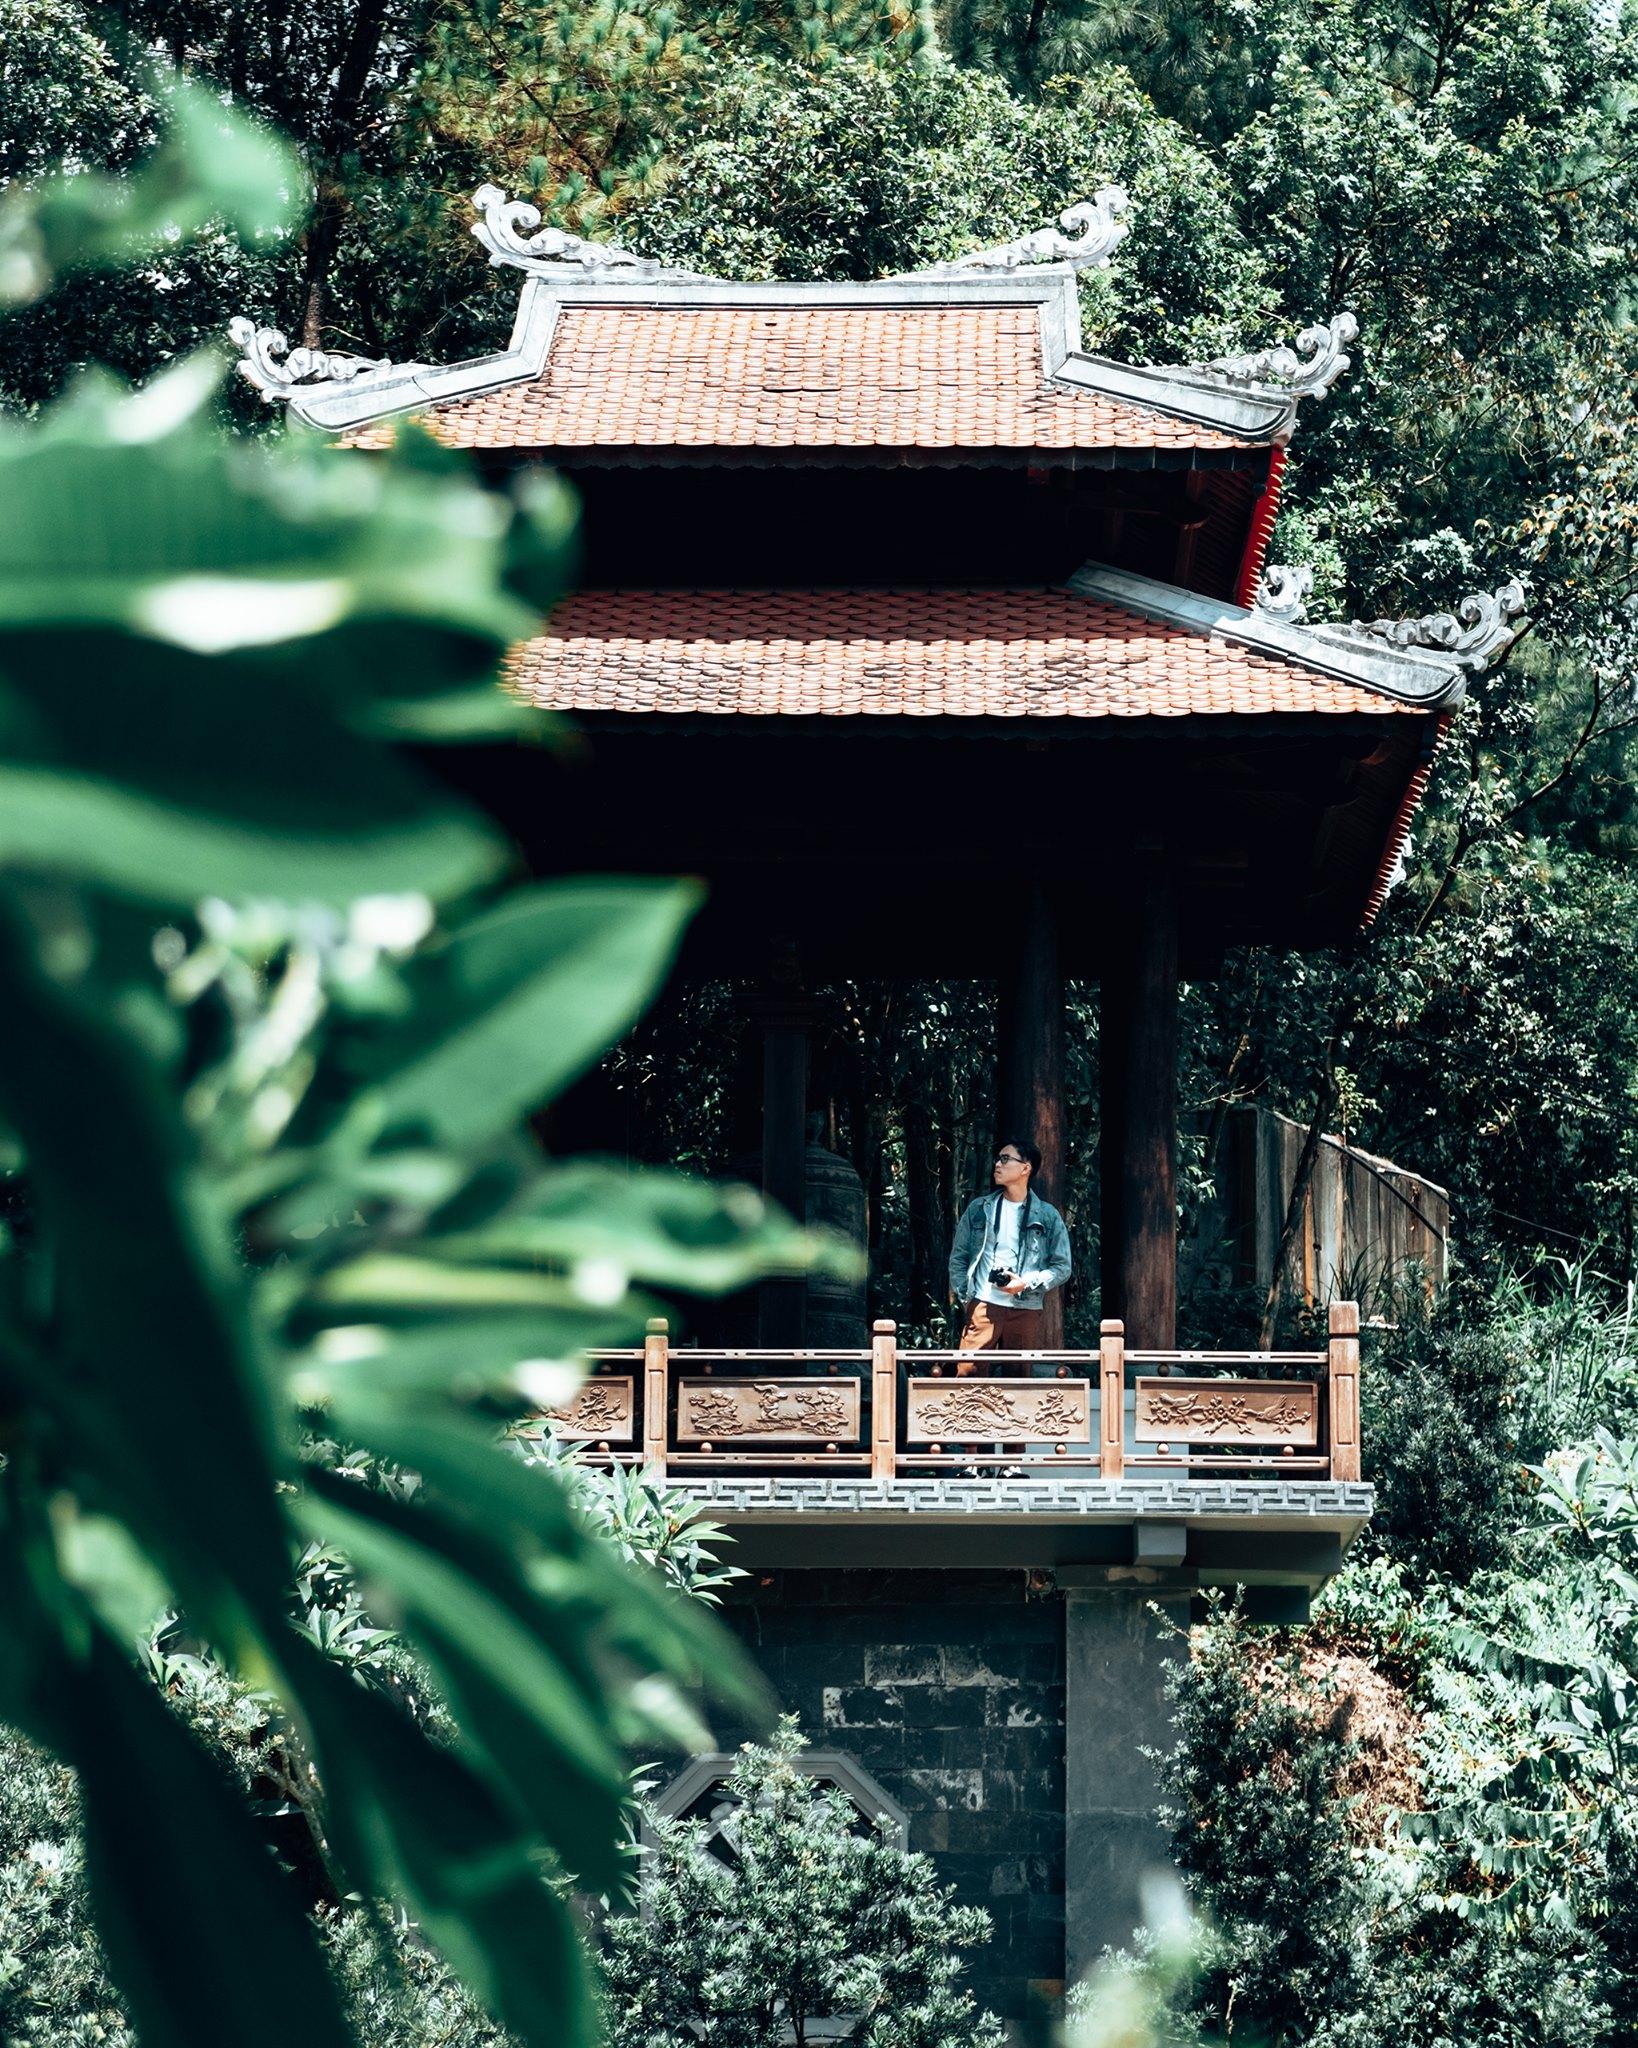 Không khí trong lành ở chùa Huyền Không Sơn Thượng. Hình: Nguyen Anh Tuan